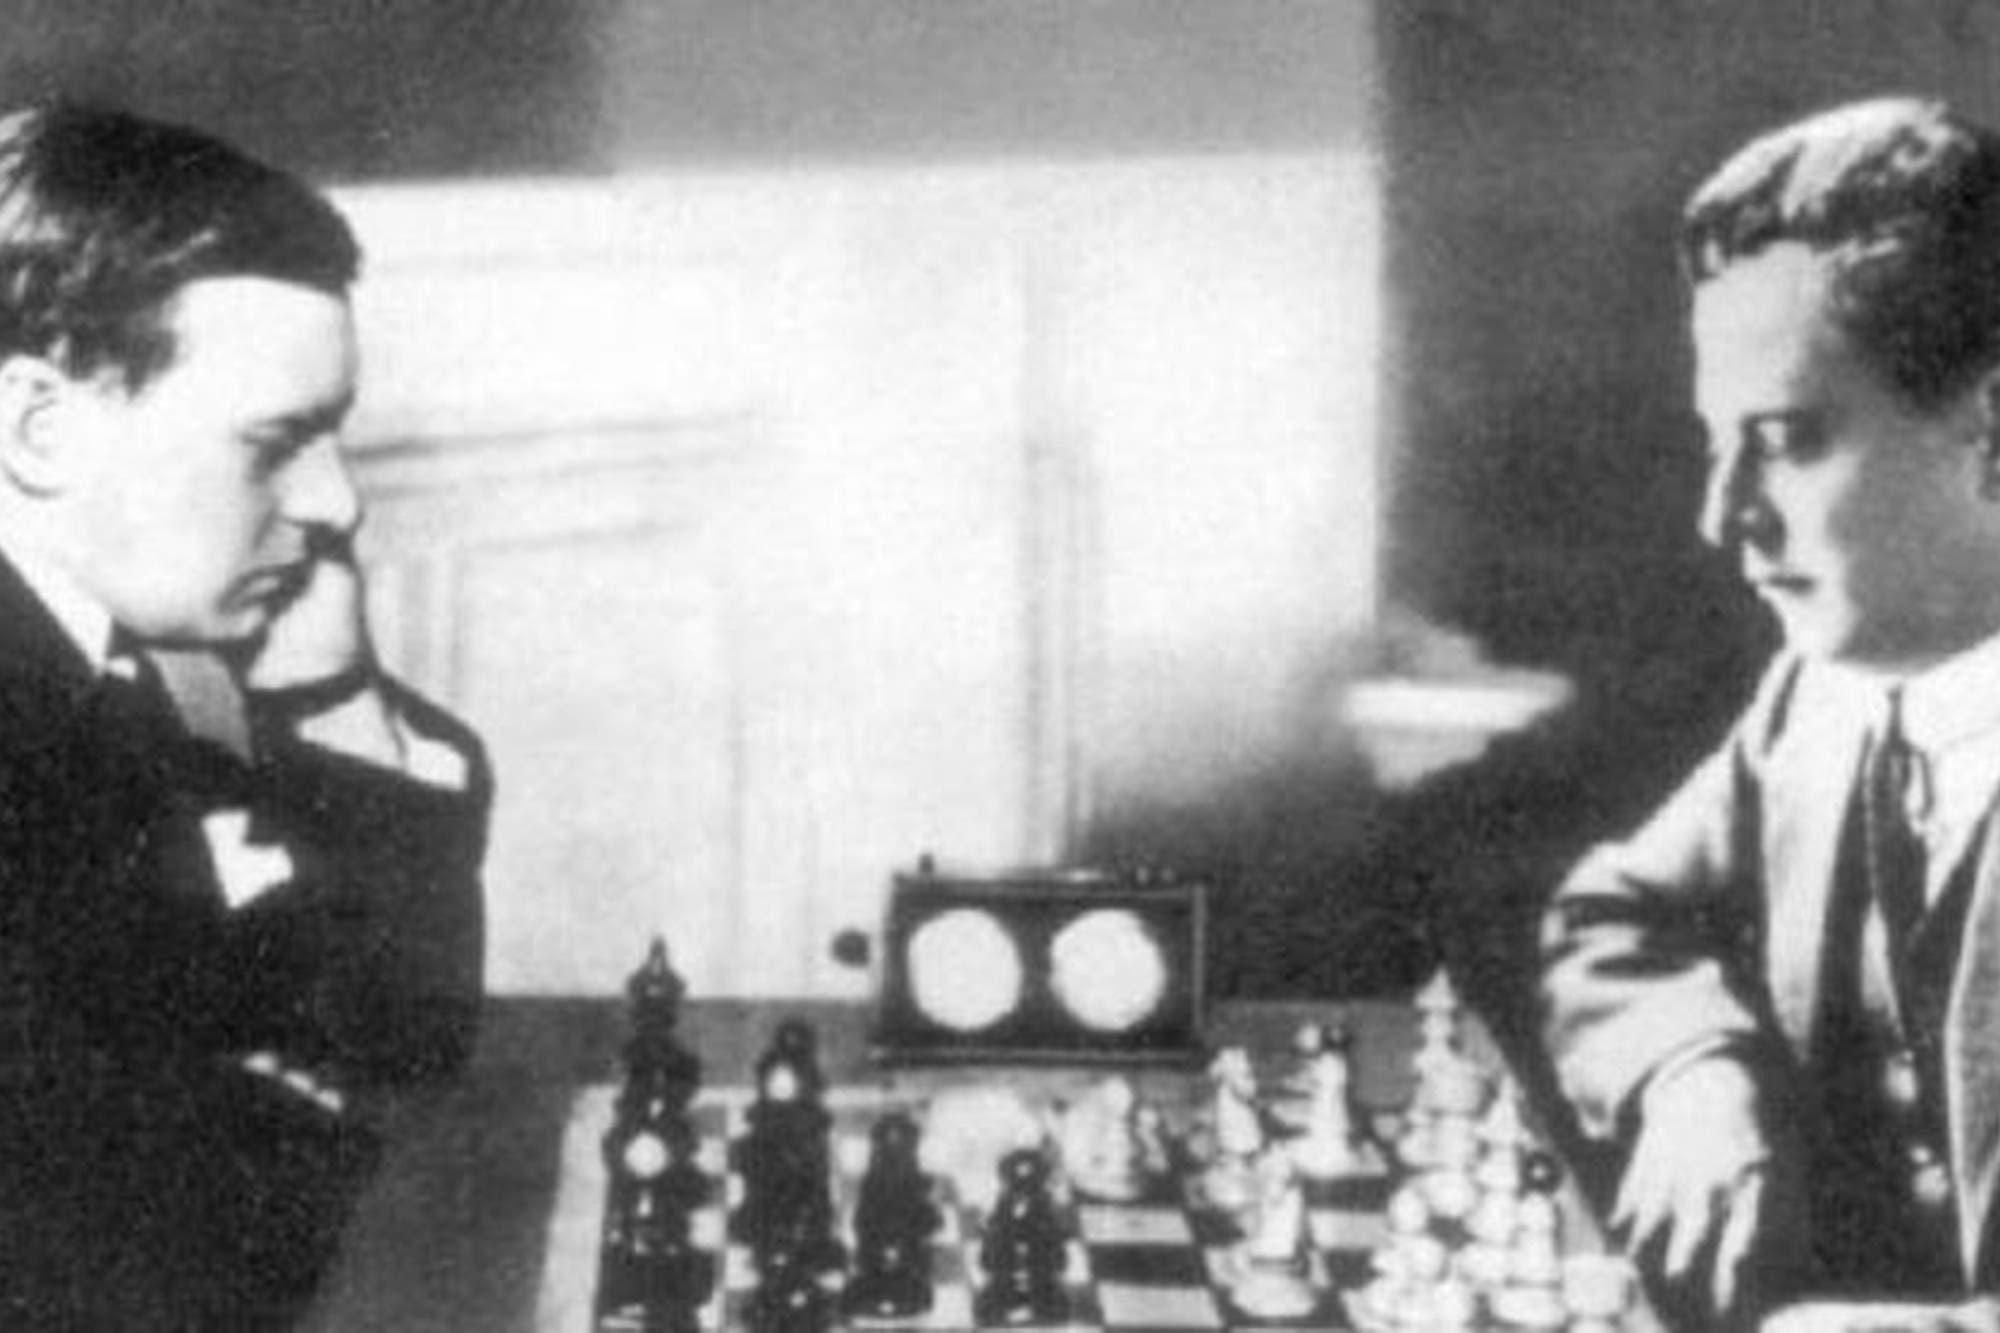 La variante 102: cómo el displicente Capablanca le hizo frente al estudioso Alekhine en Buenos Aires